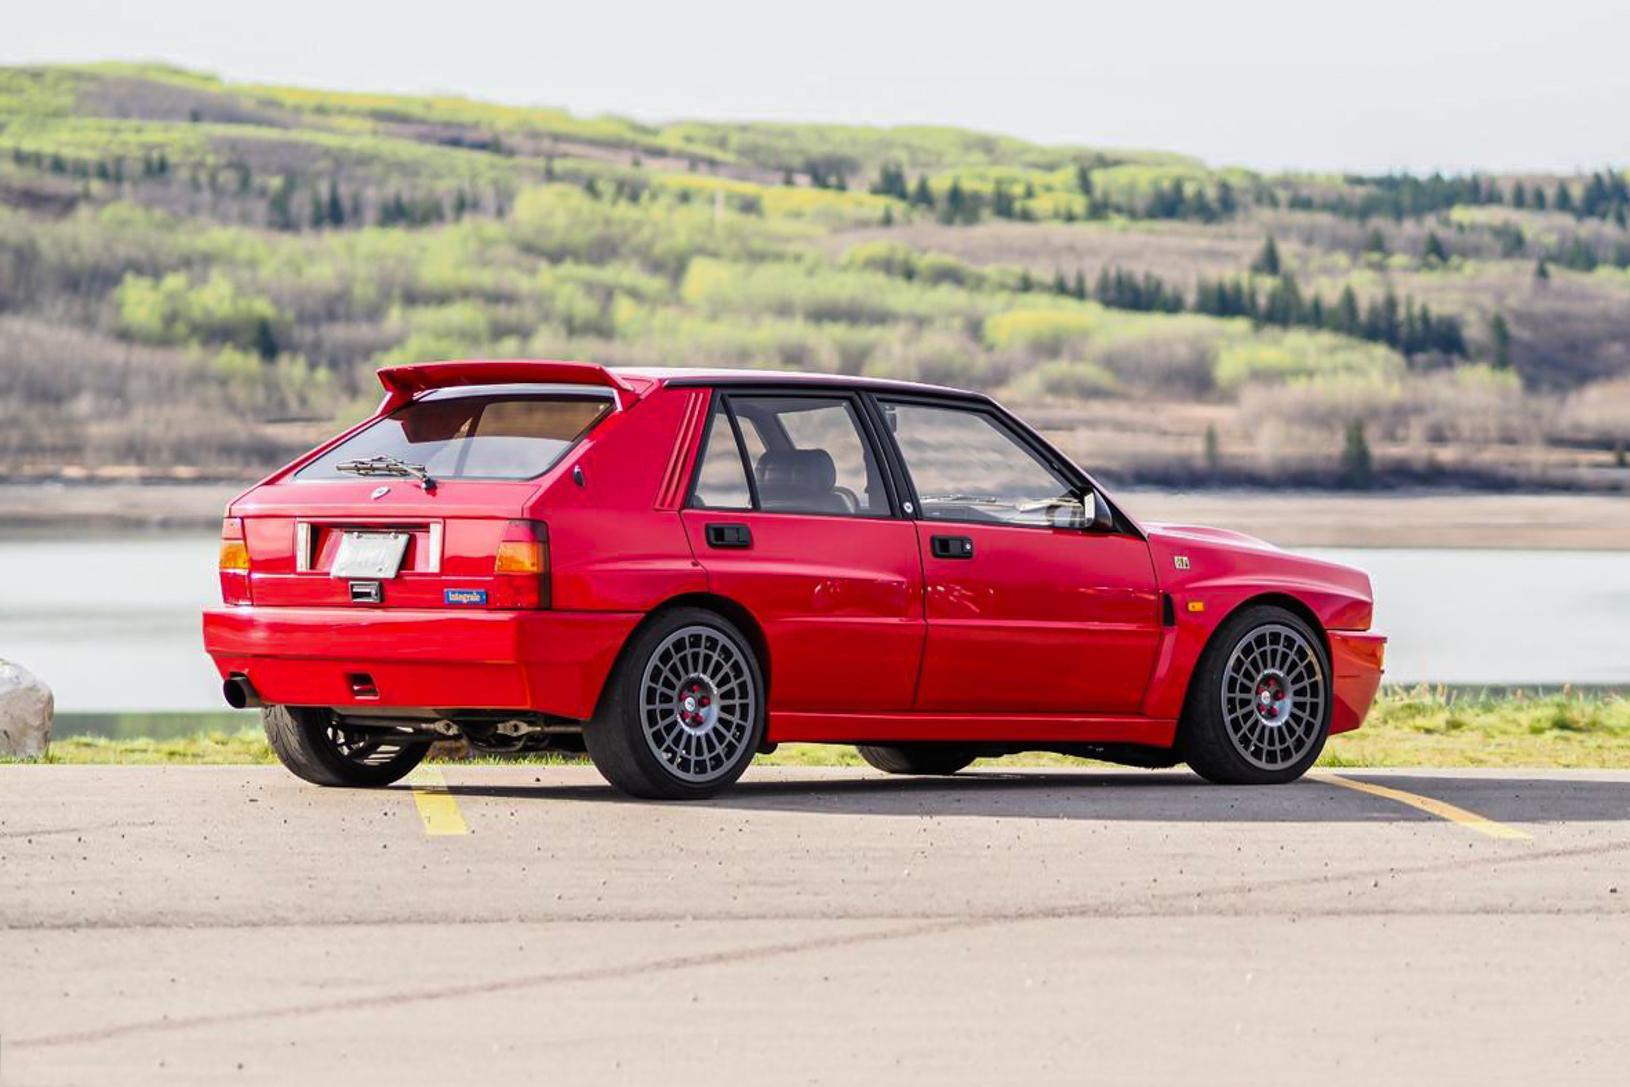 1992 Lancia Delta HF Integrale 'Evoluzione'